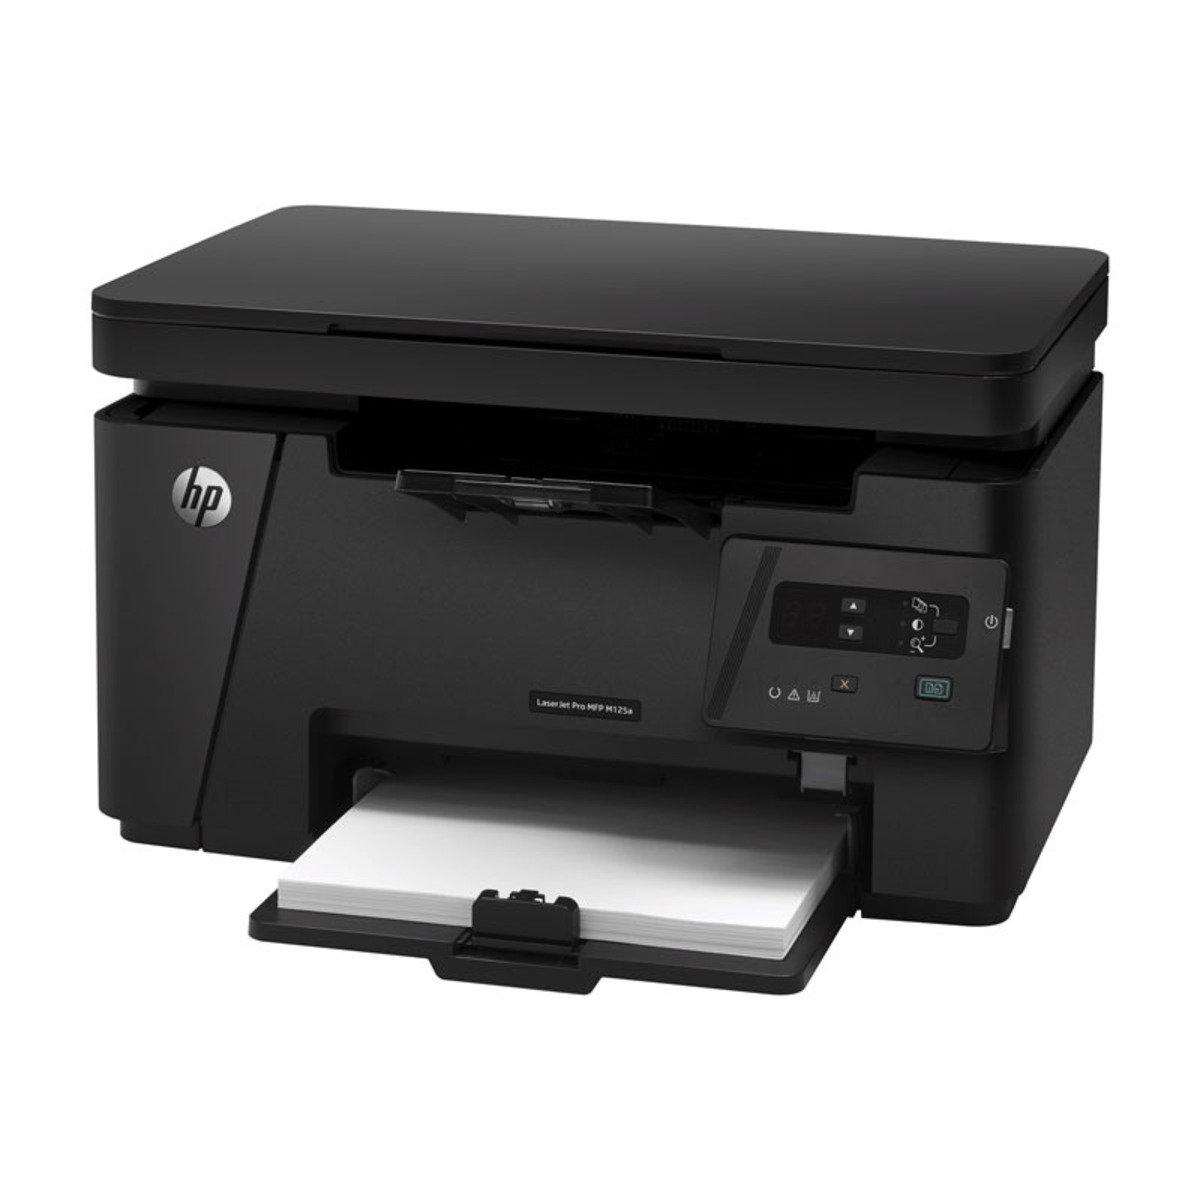 HP Laserjet Pro 個人黑白鐳射打印機 LaserJet Pro MFP M125a